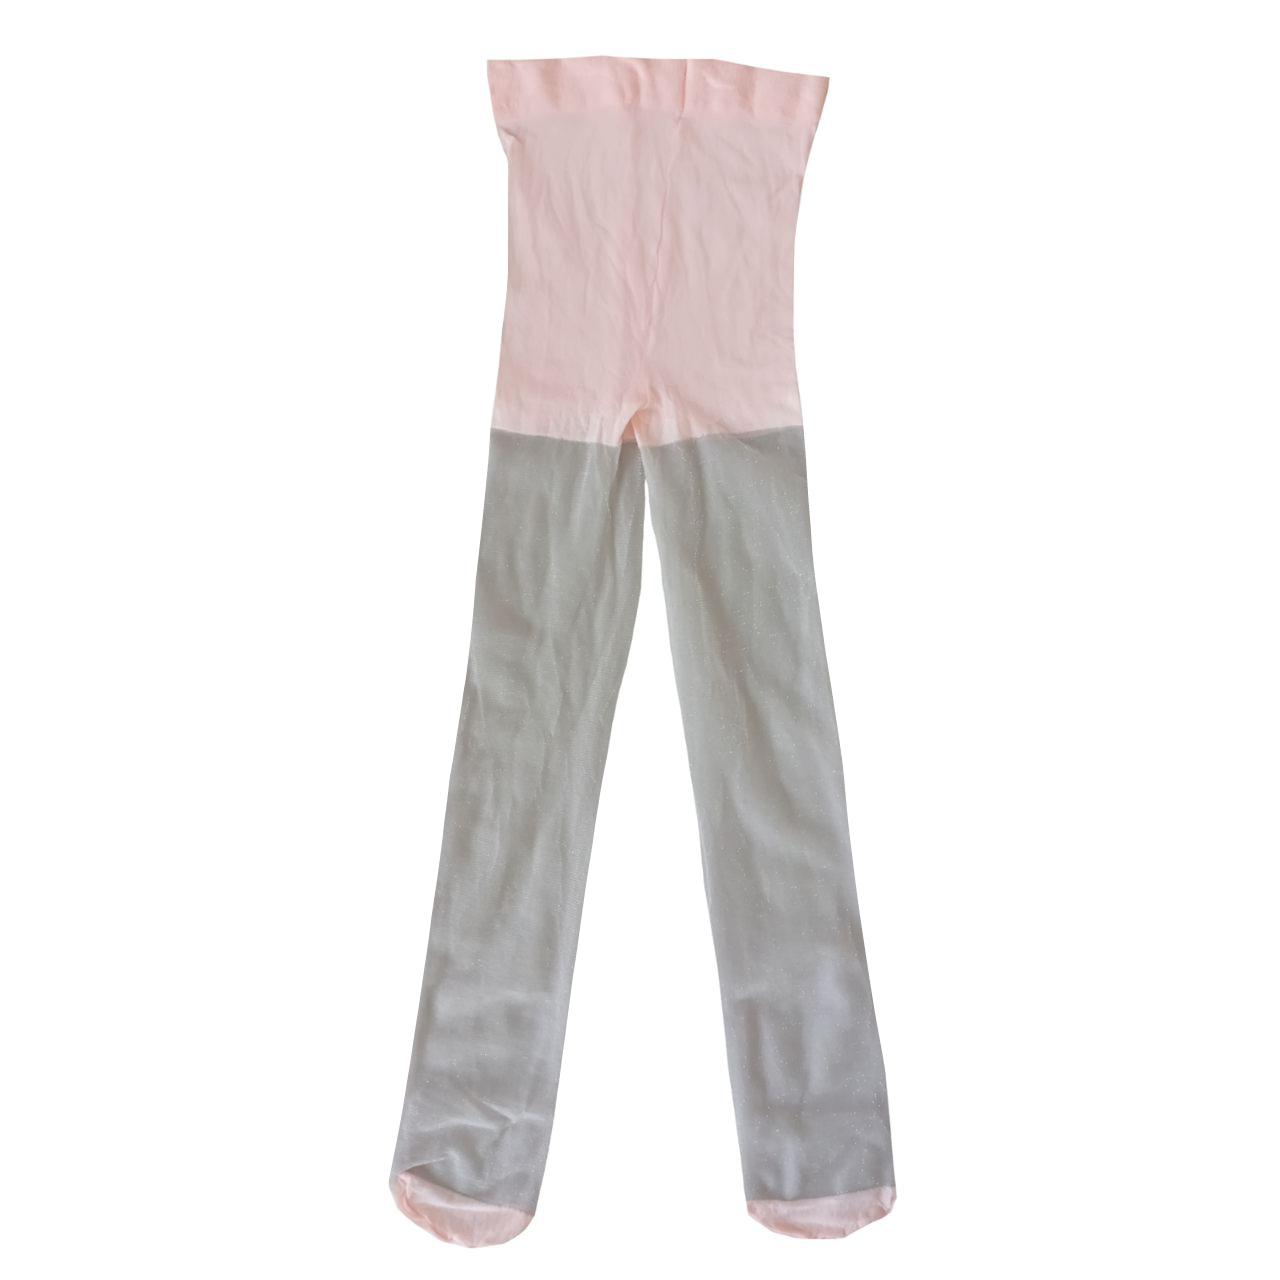 جوراب شلواری دخترانه کد 27